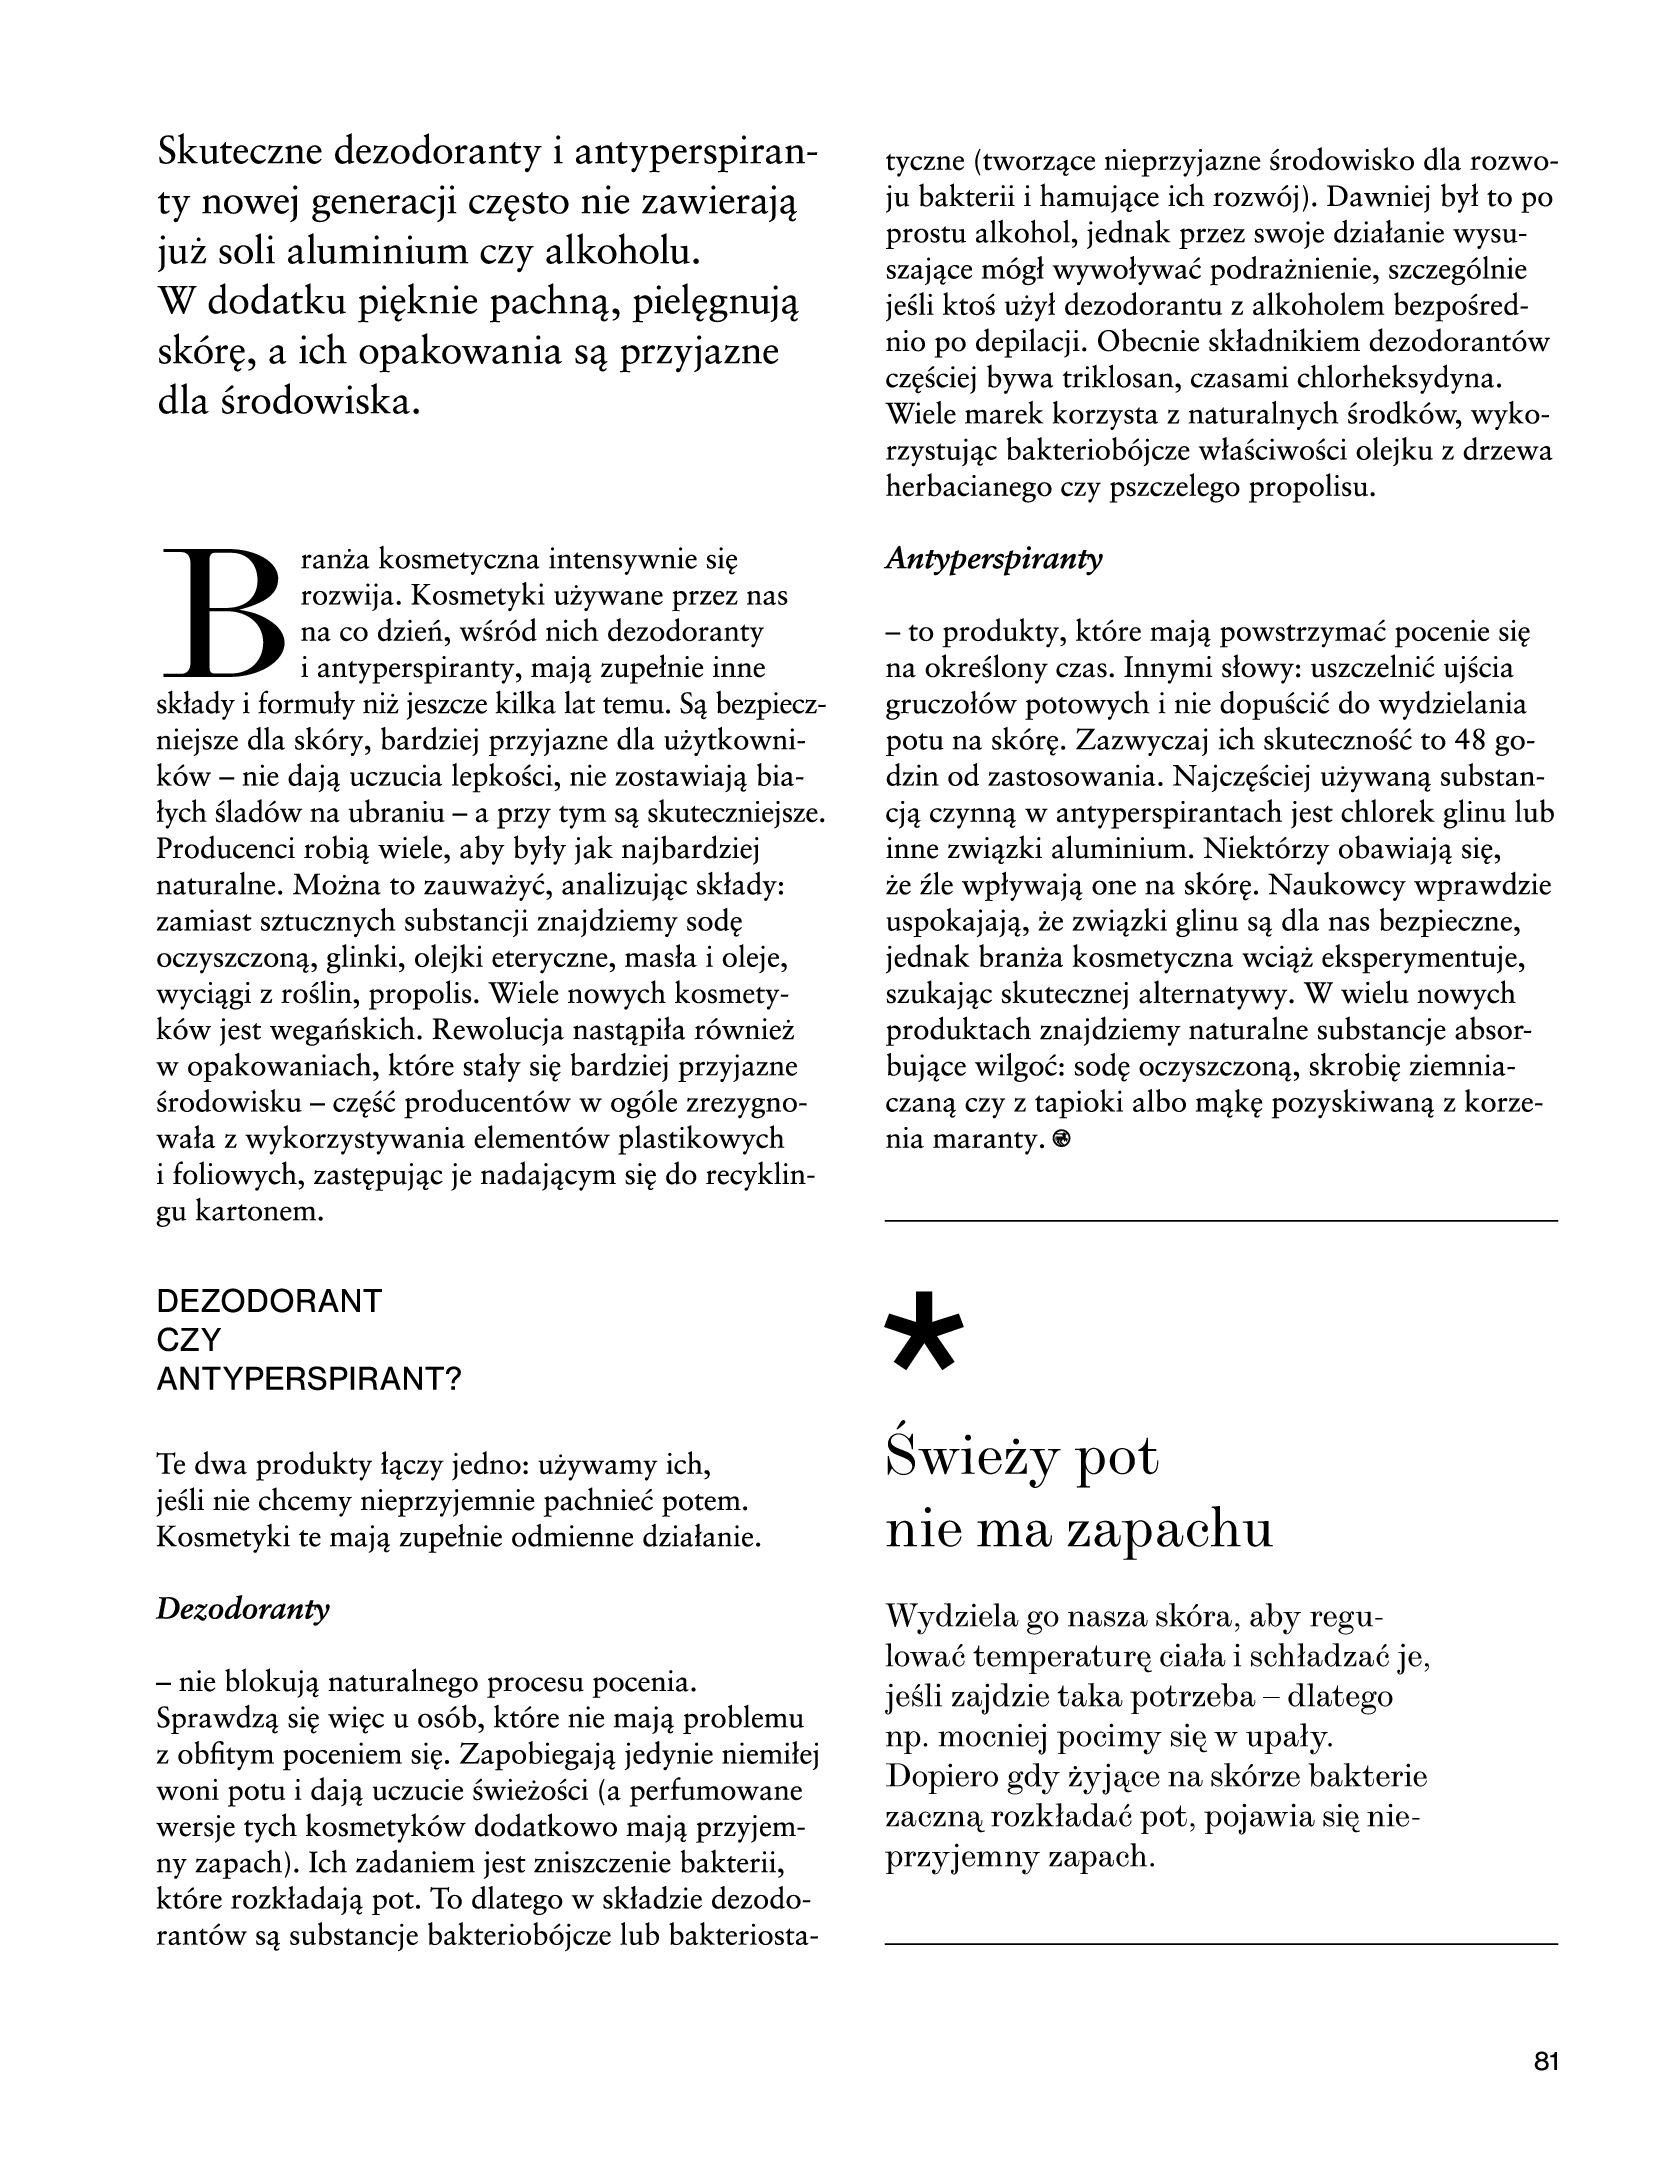 Gazetka Rossmann: Magazyn Rossmann - Skarb 2021-05-18 page-81